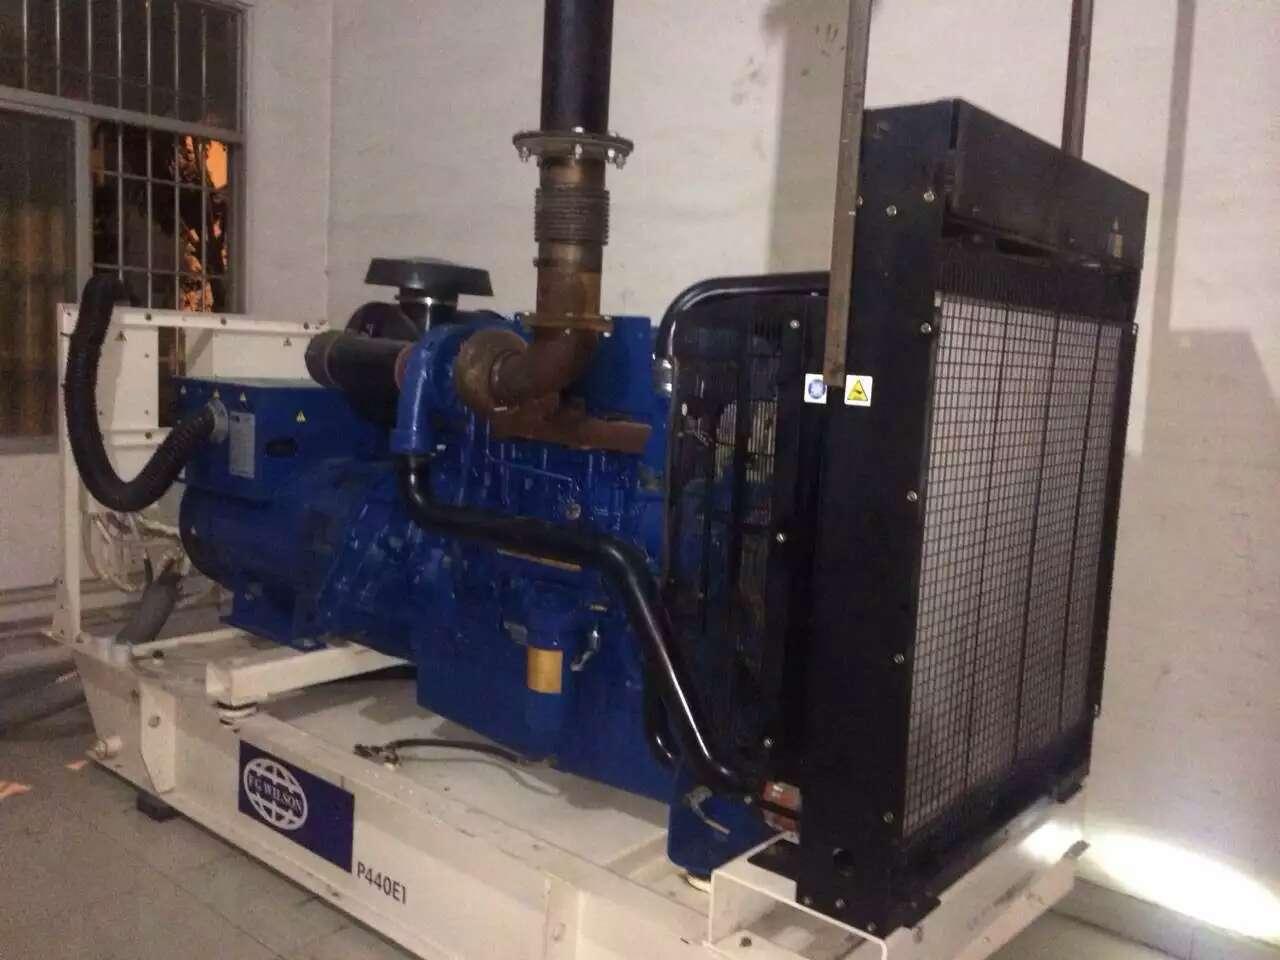 劳斯莱斯发电机的用途: 可作为工厂,工地,工程项目,房地产,学校,酒